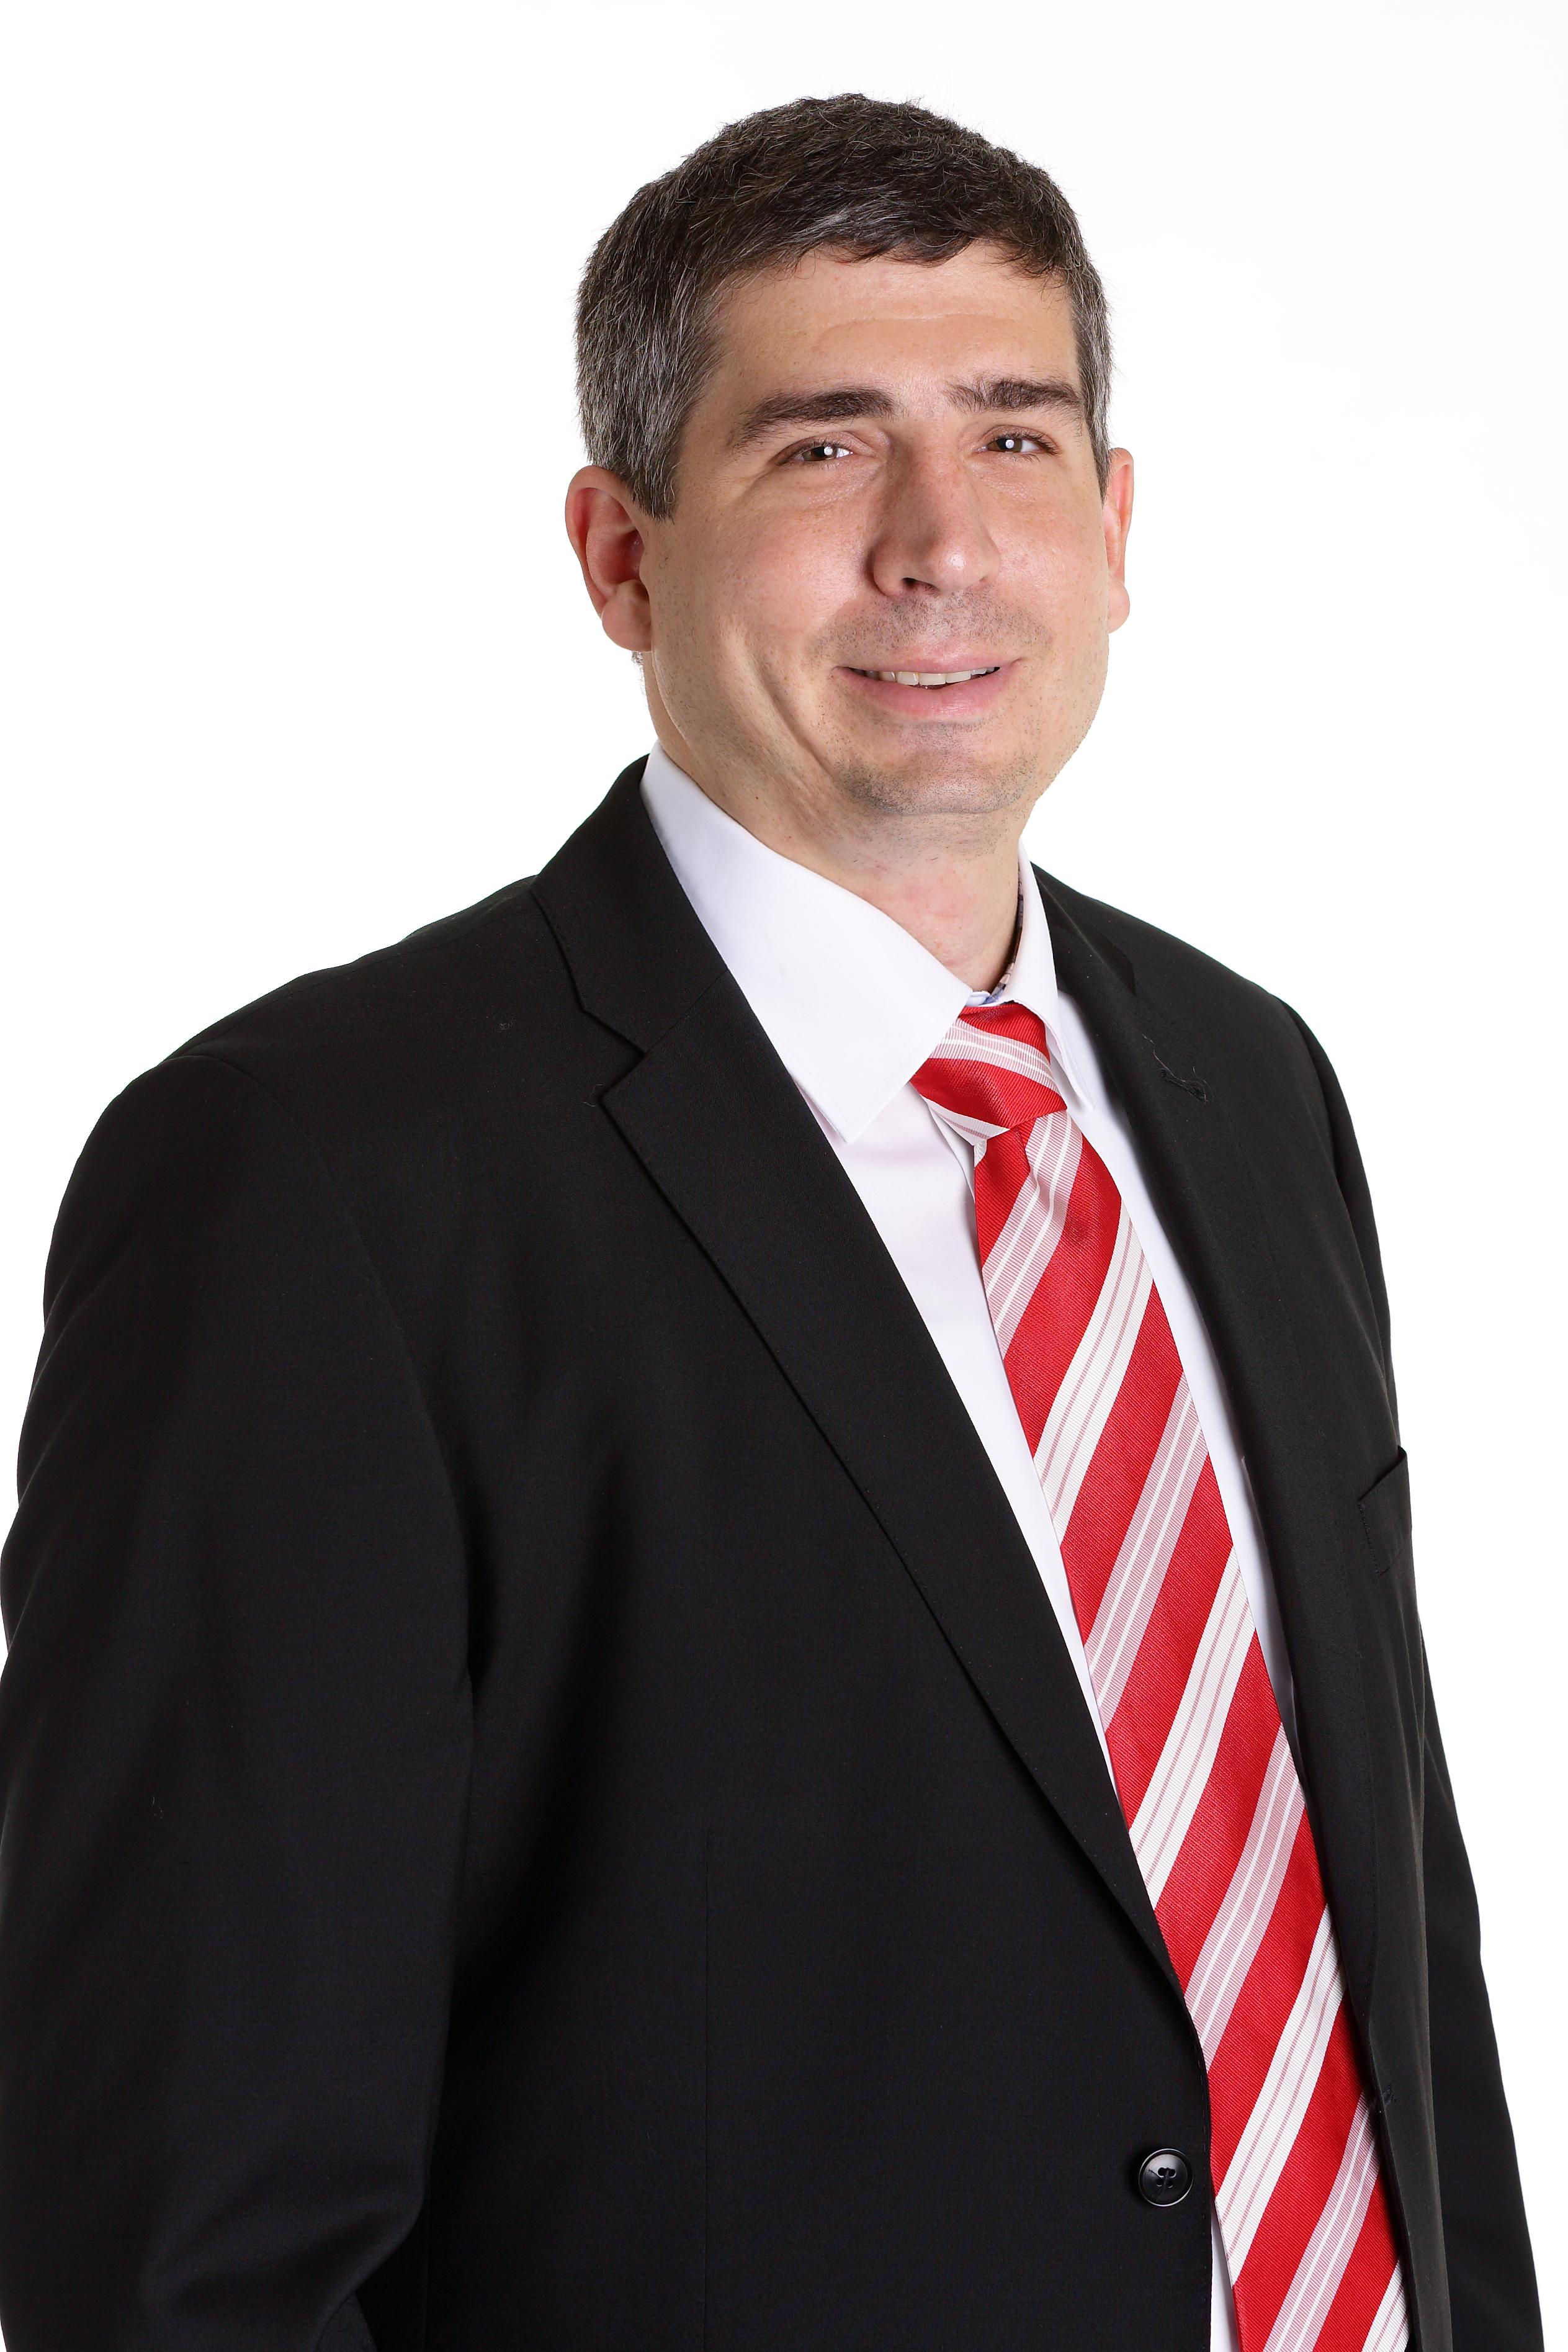 Bernd Ruffing - Prozessmodellierer und Spezialist für Prozessmodellierung